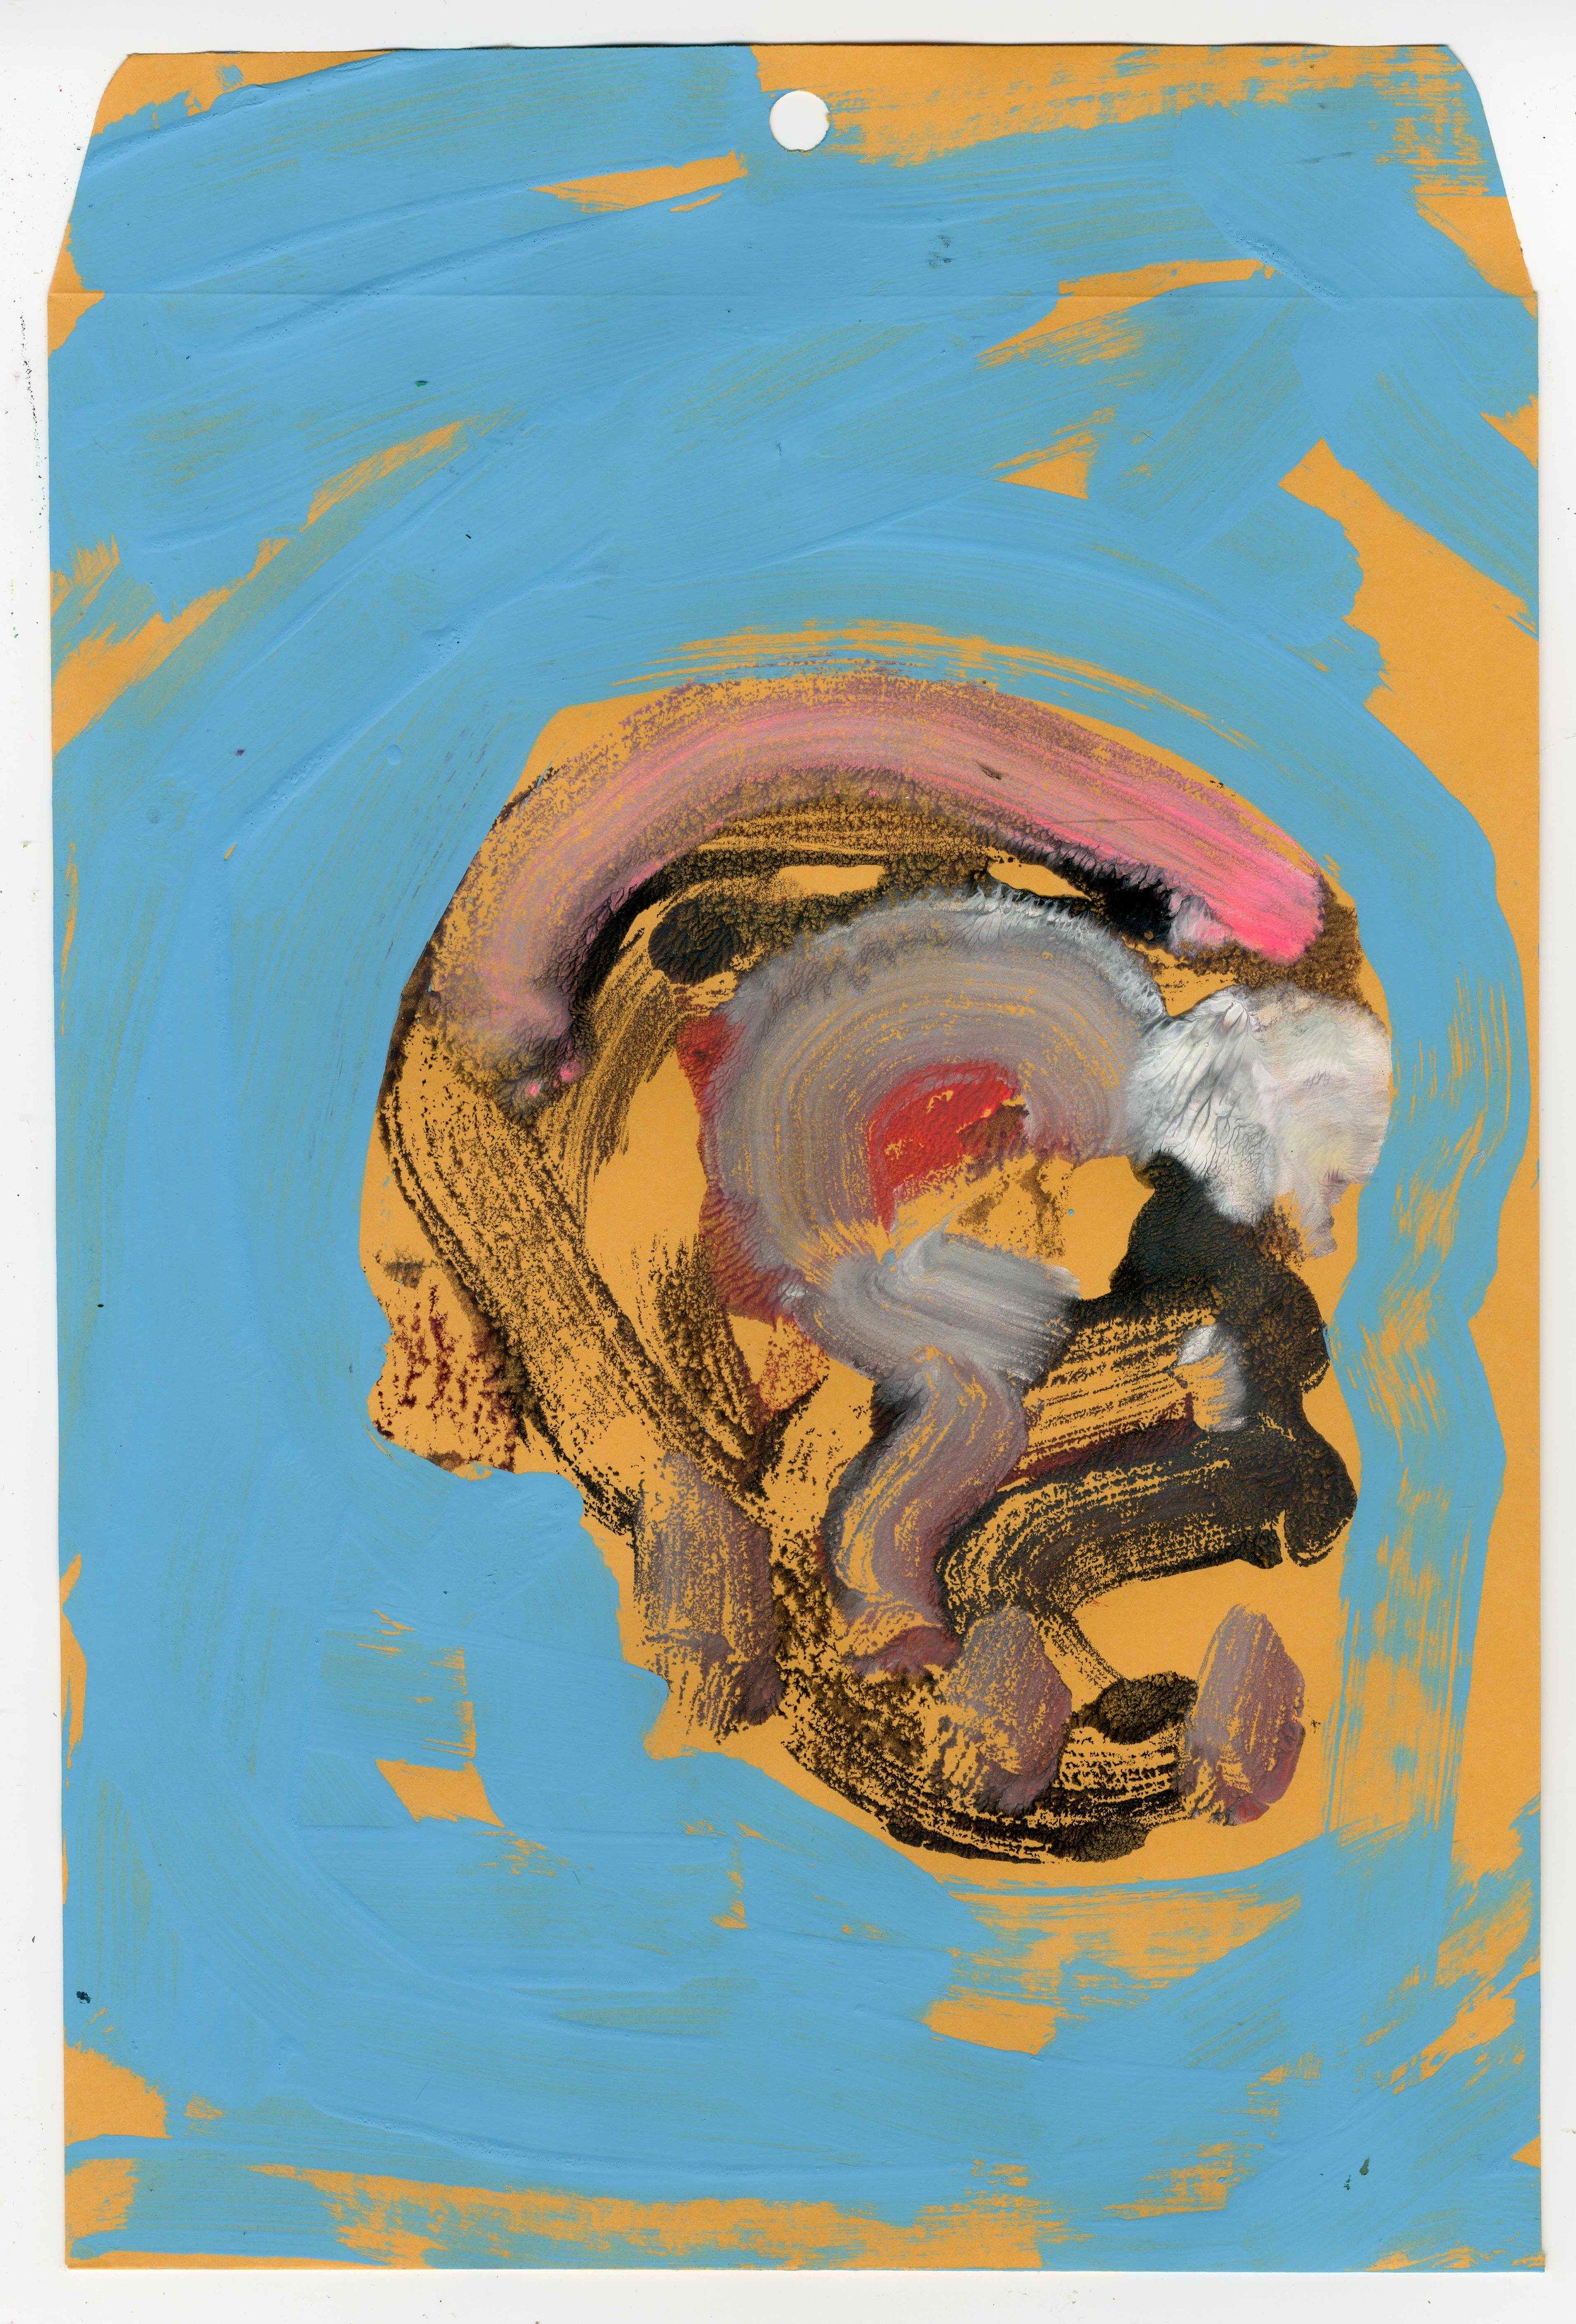 Skull study (Light blue), Mixed Media, 9 x 12, 2016.jpg